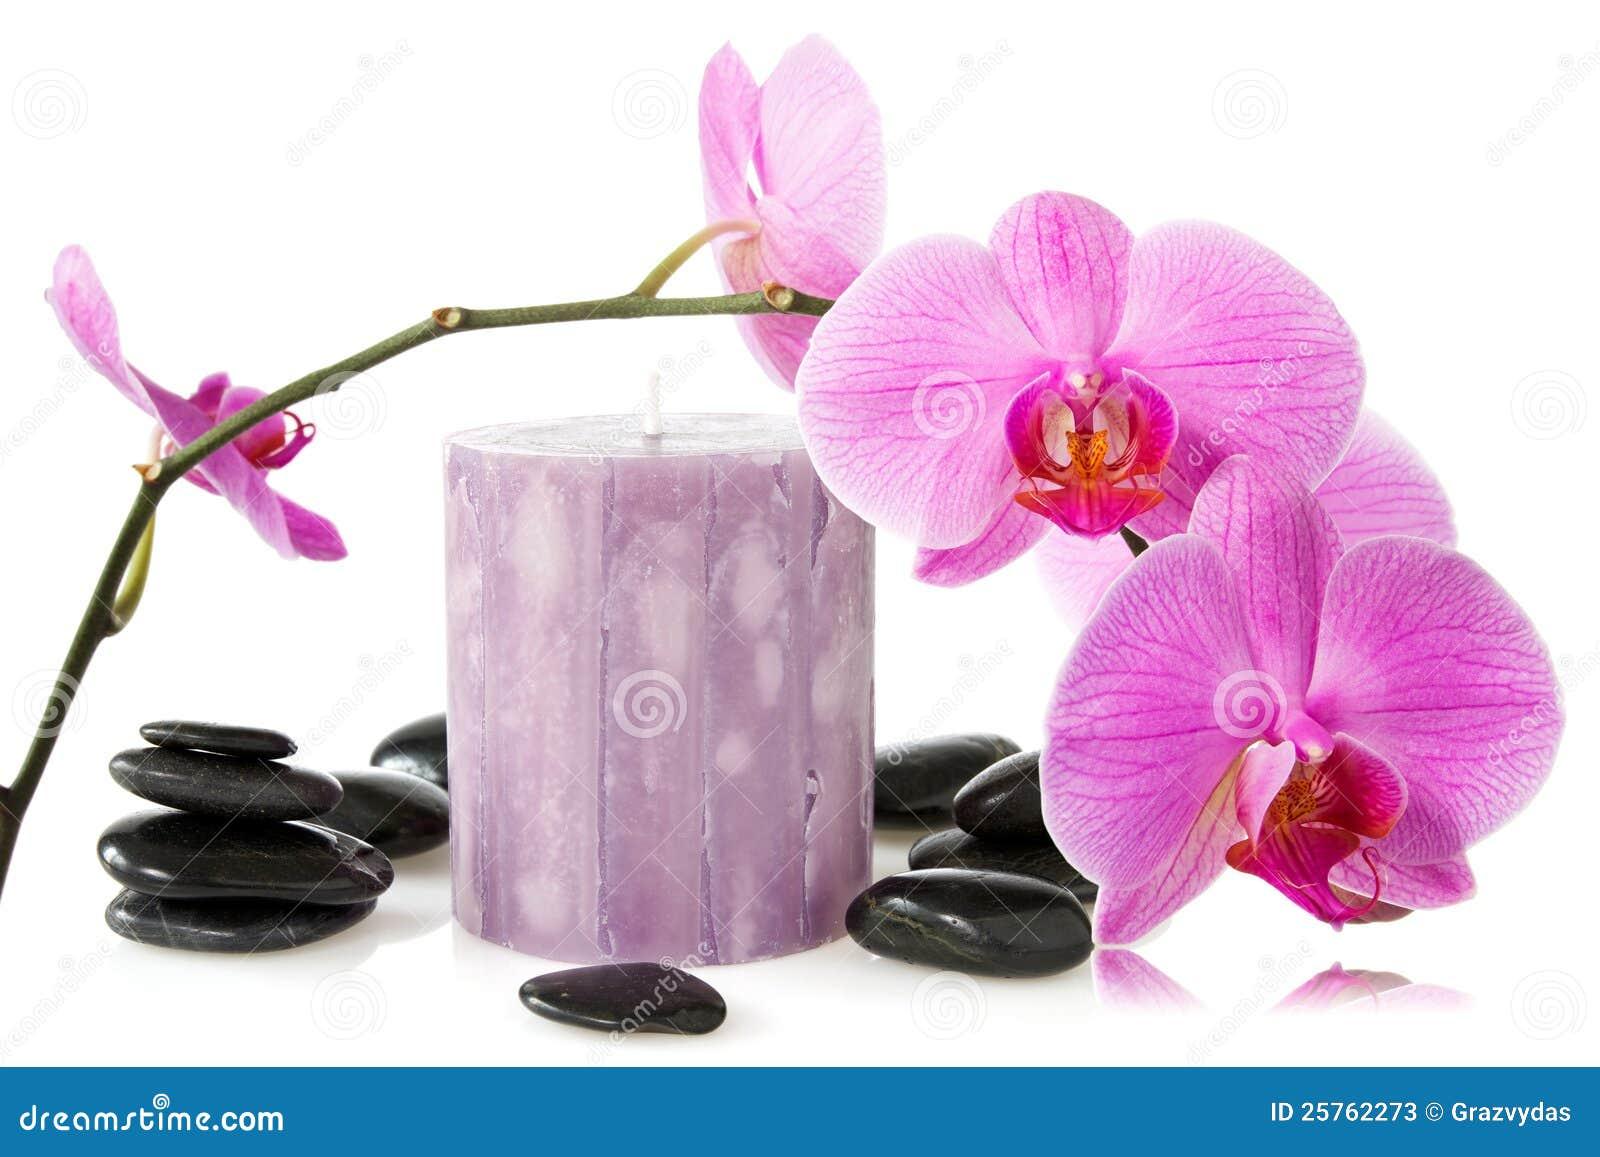 orchidee aromatische kerze und schwarze steine stockfotos bild 25762273. Black Bedroom Furniture Sets. Home Design Ideas